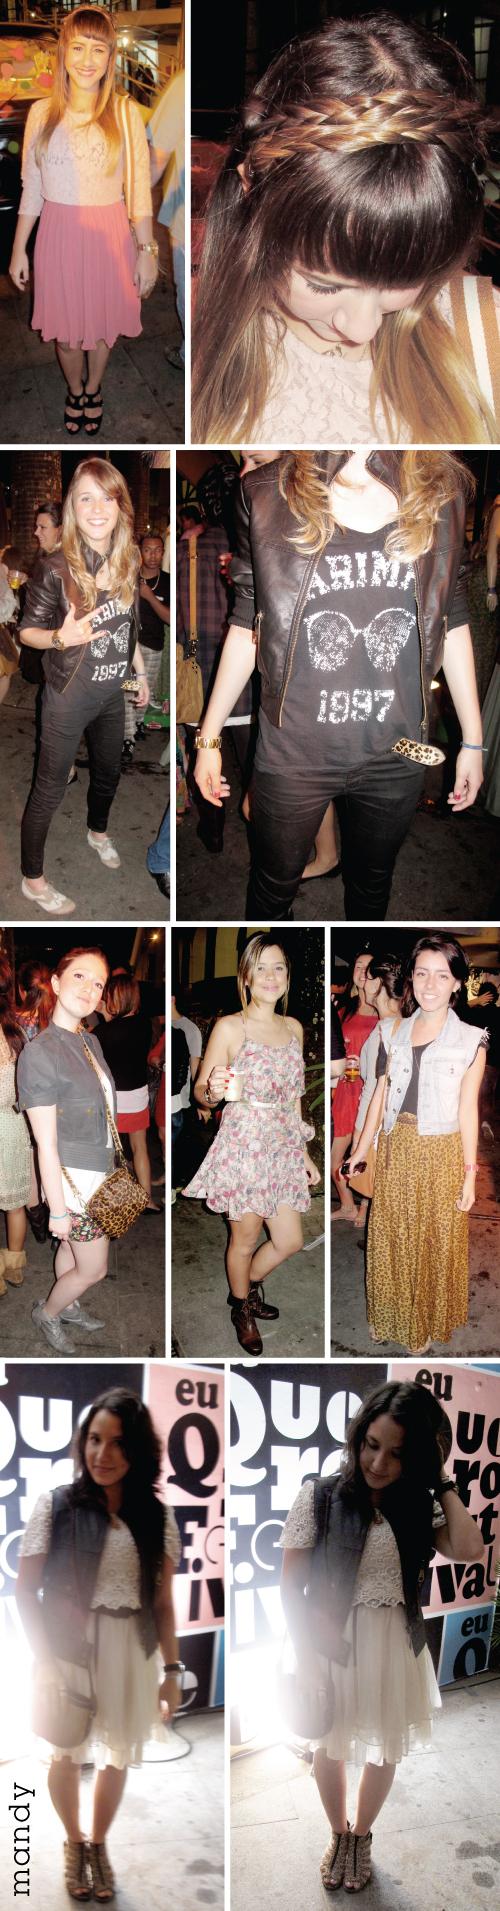 Moda   Starving   Amanda Britto - Page 5 02932a6d91